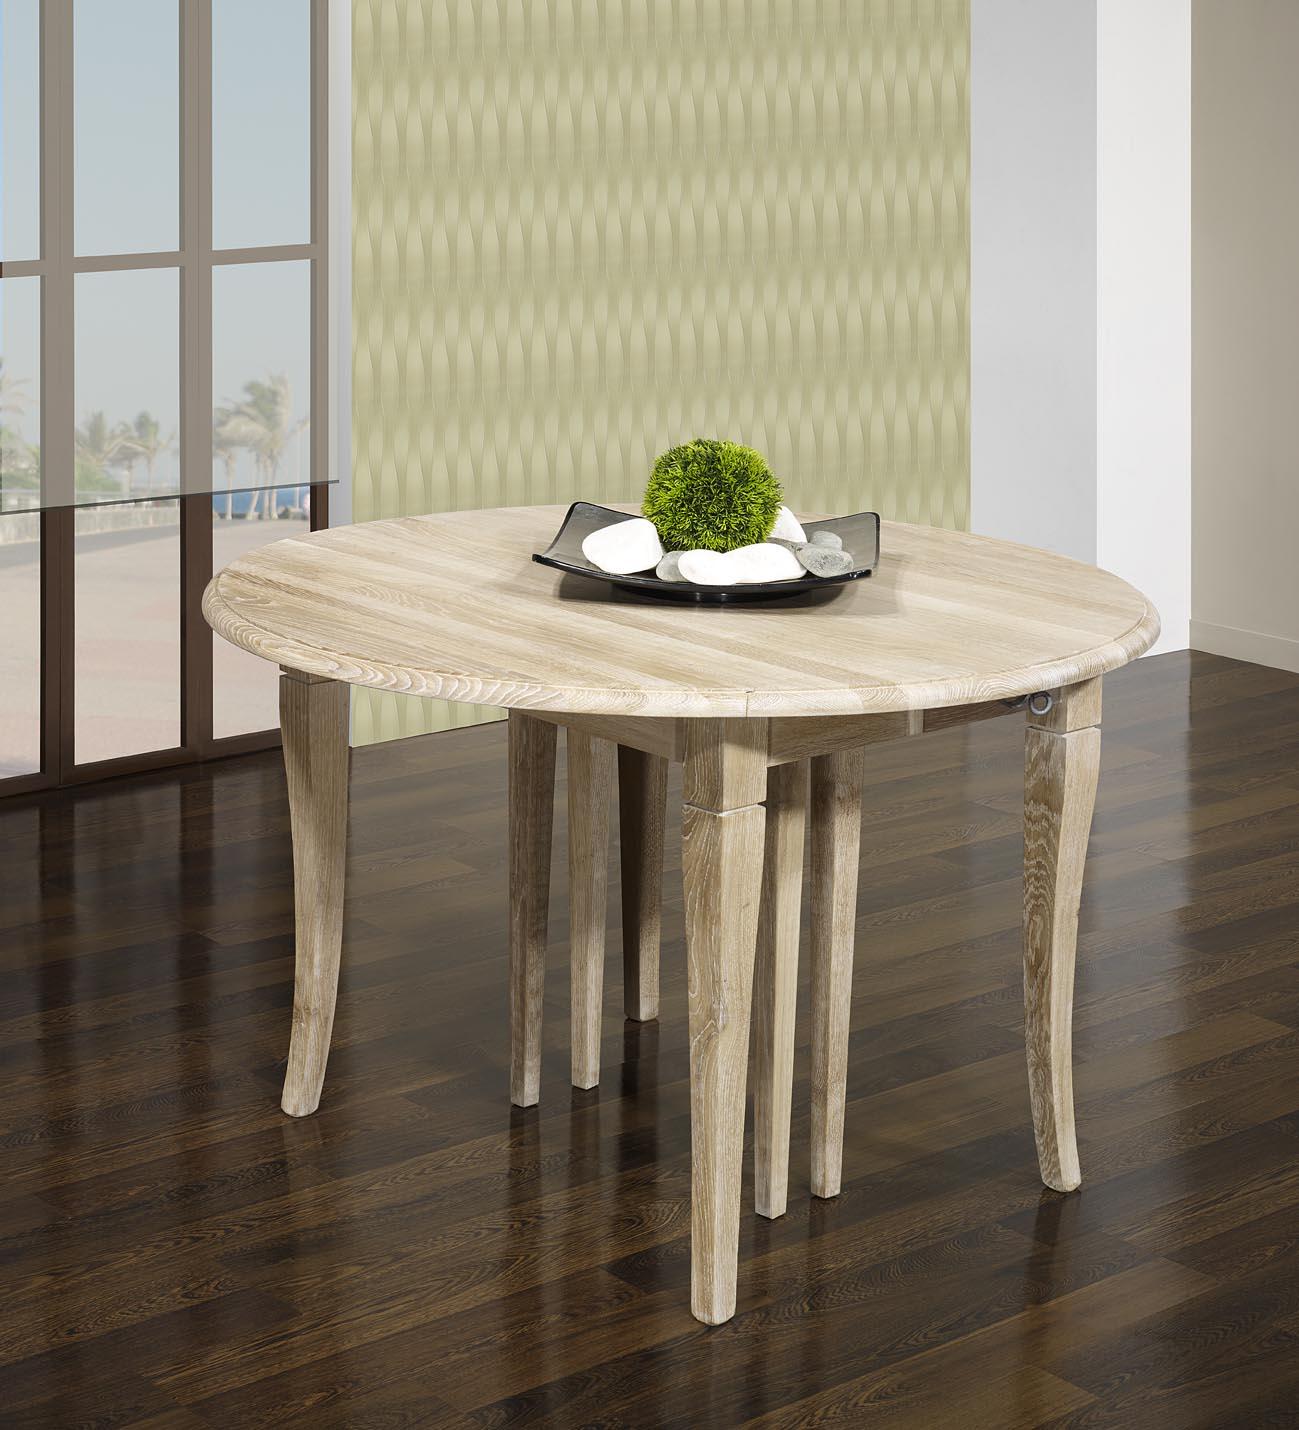 Table ronde volets val rie en ch ne massif de style for Table ronde chene massif avec allonges